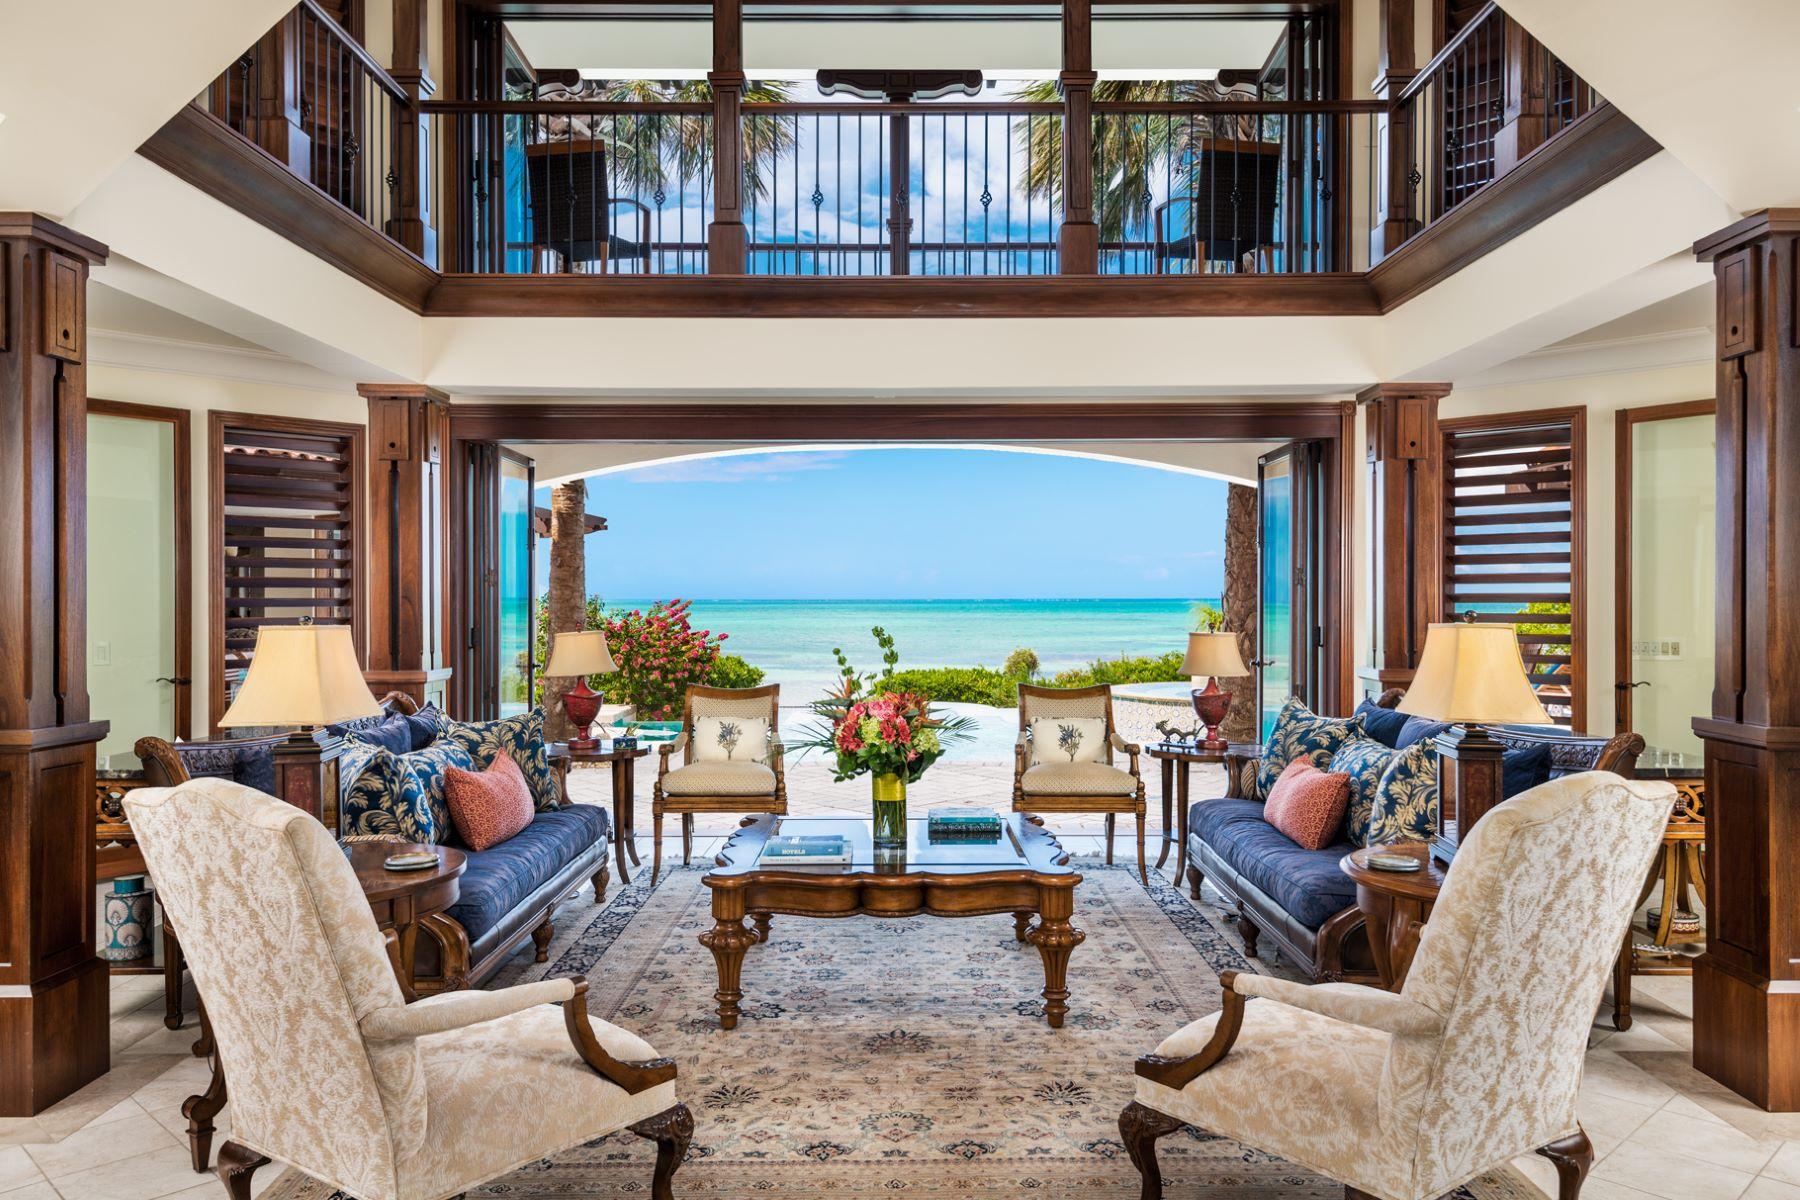 独户住宅 为 销售 在 Northbrae 汤姆森湾, 普罗维登夏 特克斯和凯科斯群岛